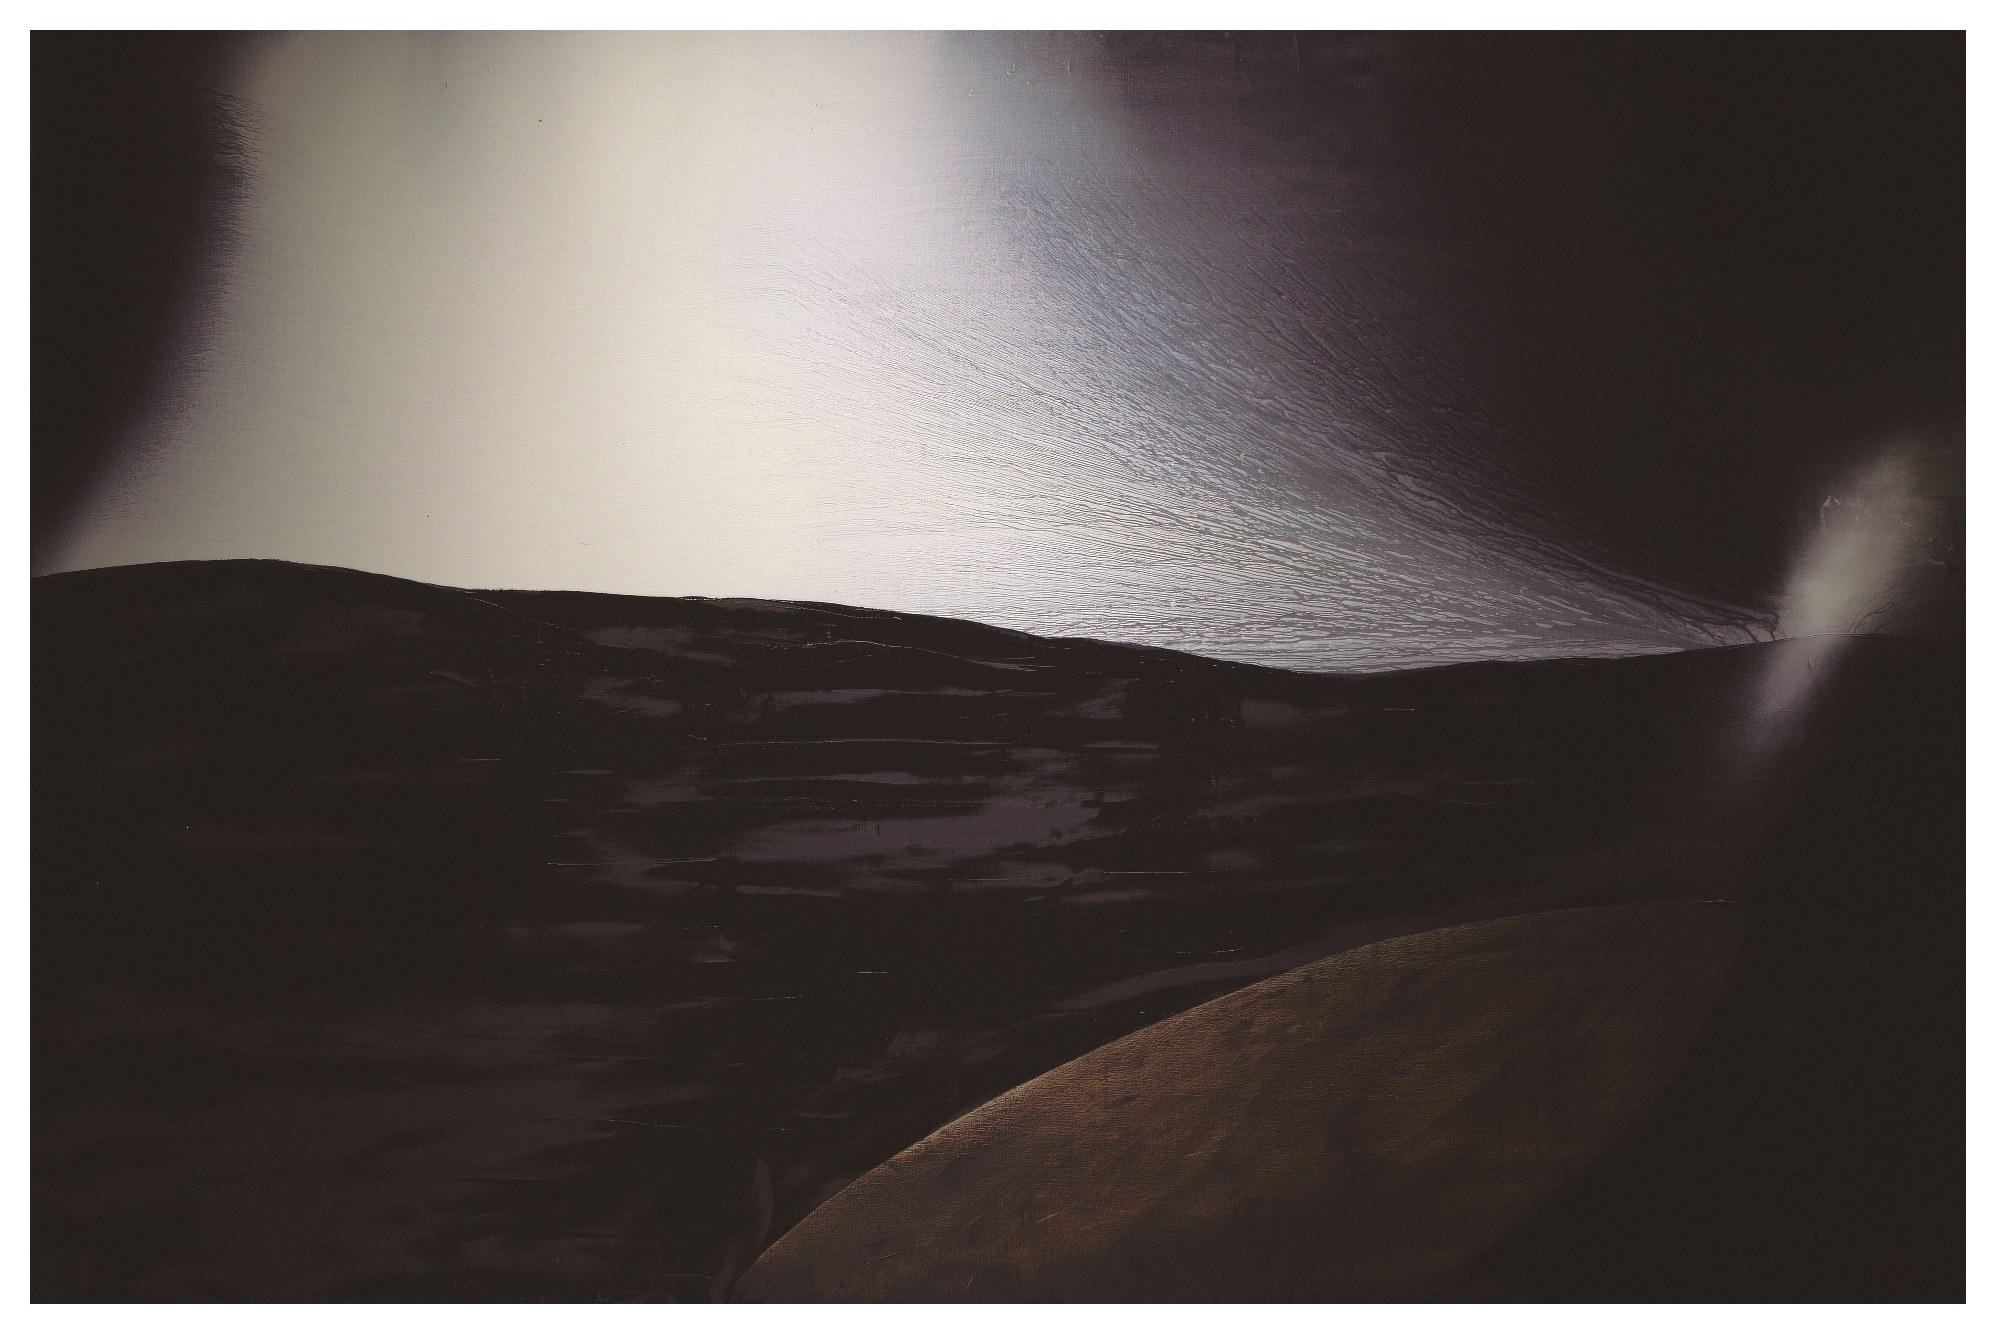 銀湖 Silver Lake 08-02 2008 油彩、畫布 200cm x 300cm